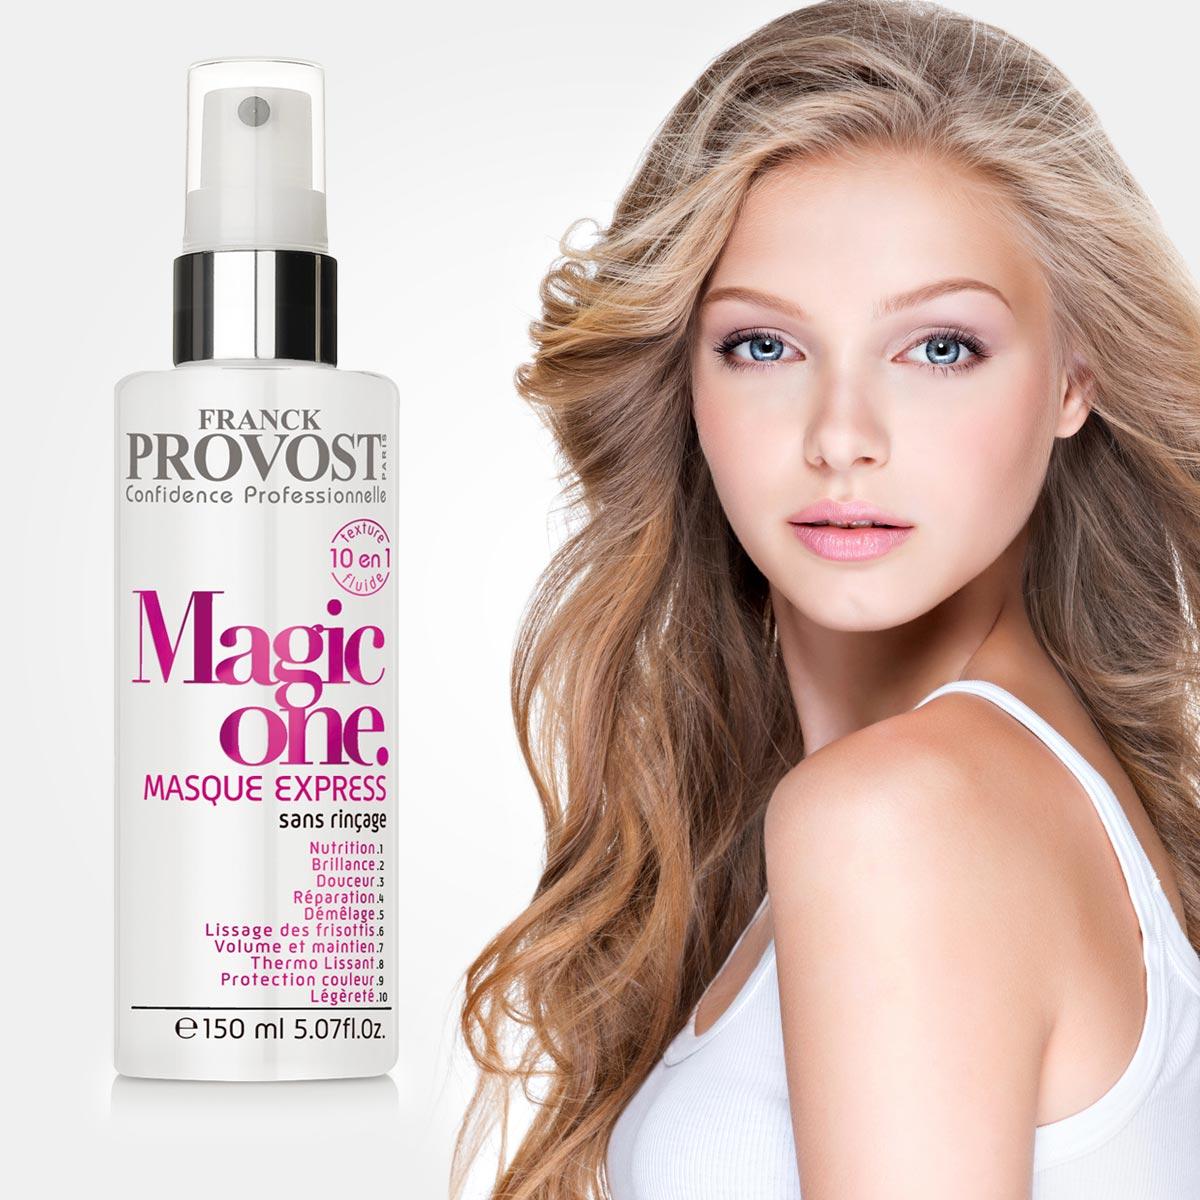 """Rad profesionálnej vlasovej kozmetiky Franck Provost sa rozrastá o """"must have"""" produkt Magic One. Expresné neoplachovacia maska 10 v 1 ponúka skvelé vlasy ako mávnutím kúzelnej paličky. Vlasy vyživí, zregeneruje, okamžite sa ľahko rozčesávajú, sú chránené proti UV lúčom, sú lesklé, hebké, pružné, bez krepatenia, uľahčuje úpravu účesu a ten drží dlhšie ako zvyčajne."""